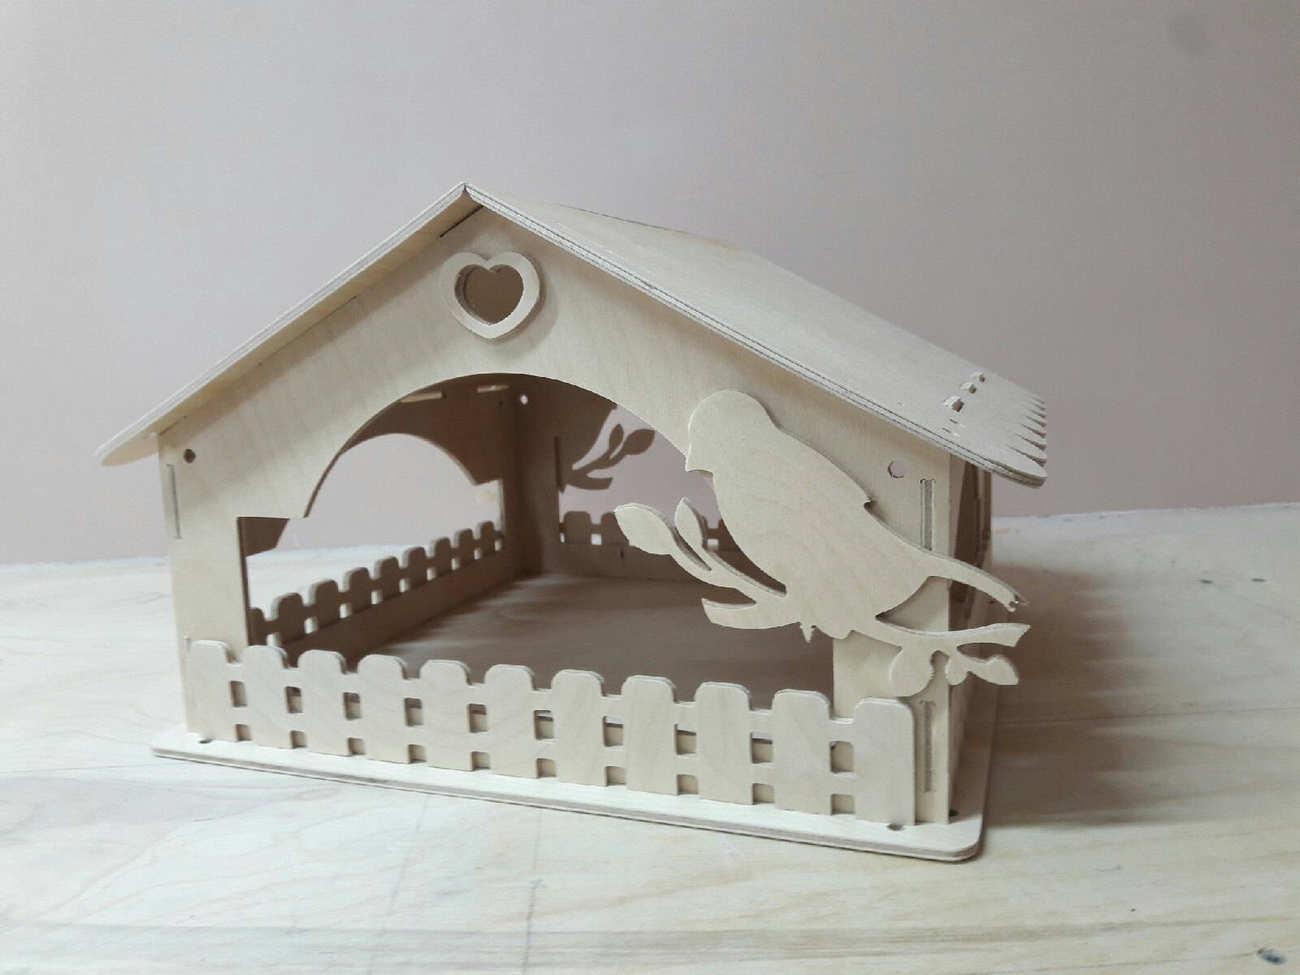 Wooden Bird House Bird Feeder Free DXF File